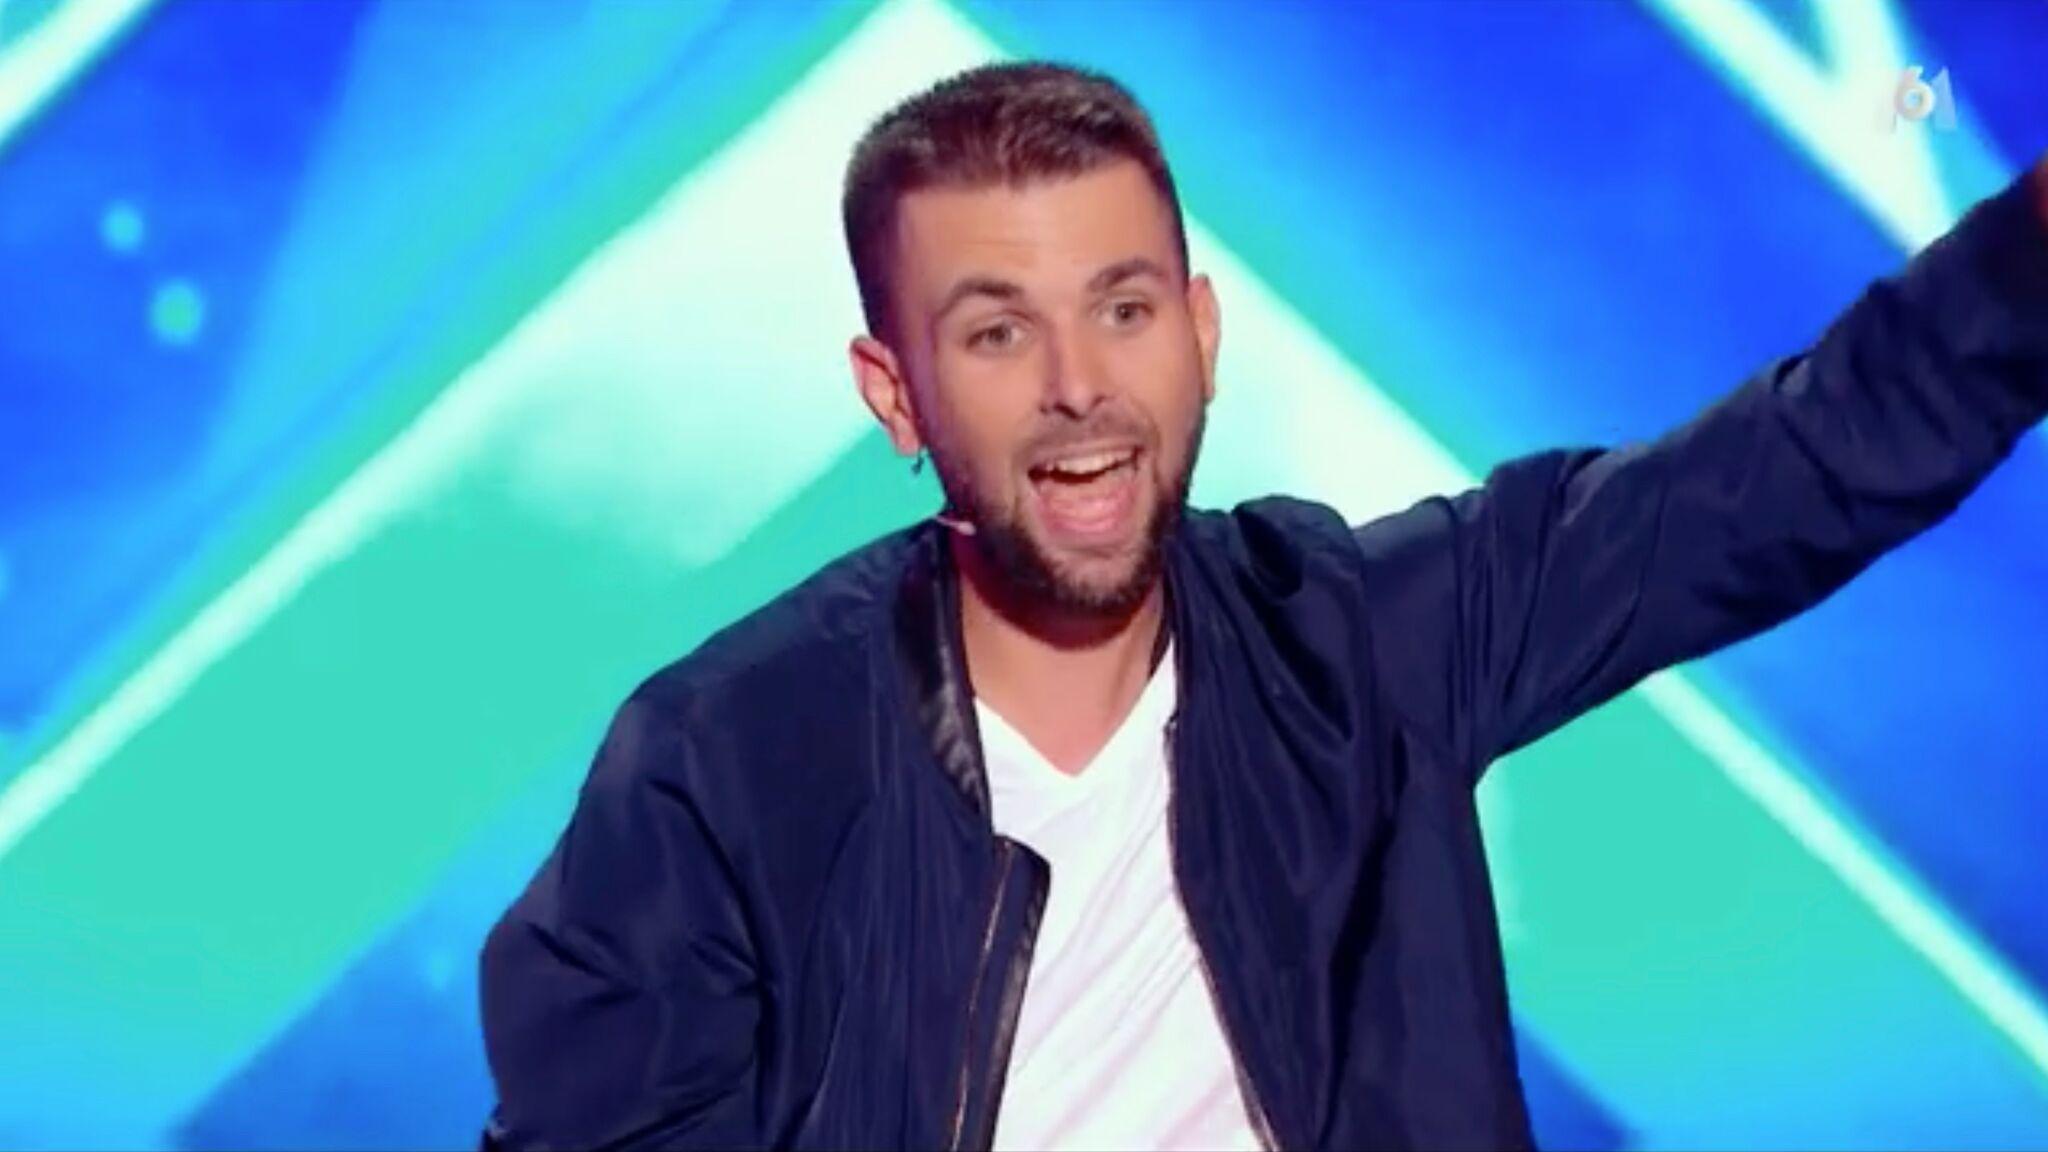 VIDEO Incroyable talent : le comique bègue Valentin fait sensation, un humoriste lui fait une très belle proposition